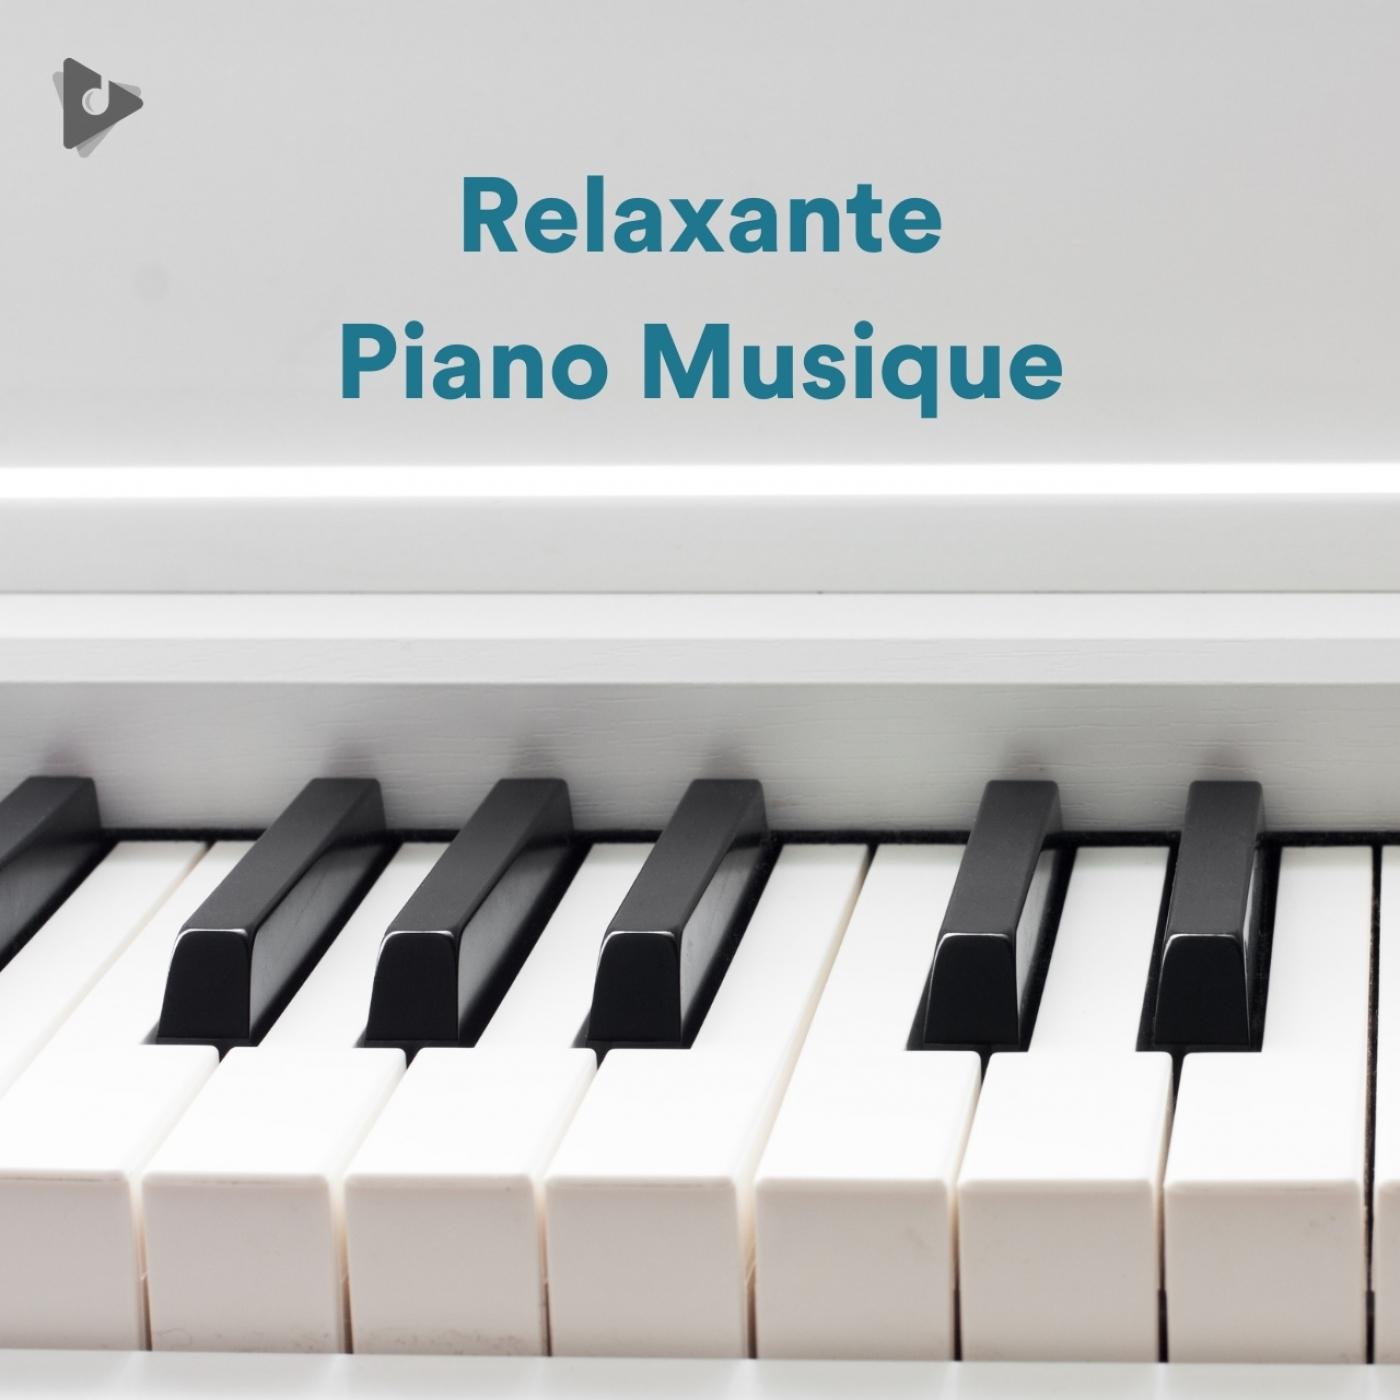 Relaxante Piano Musique